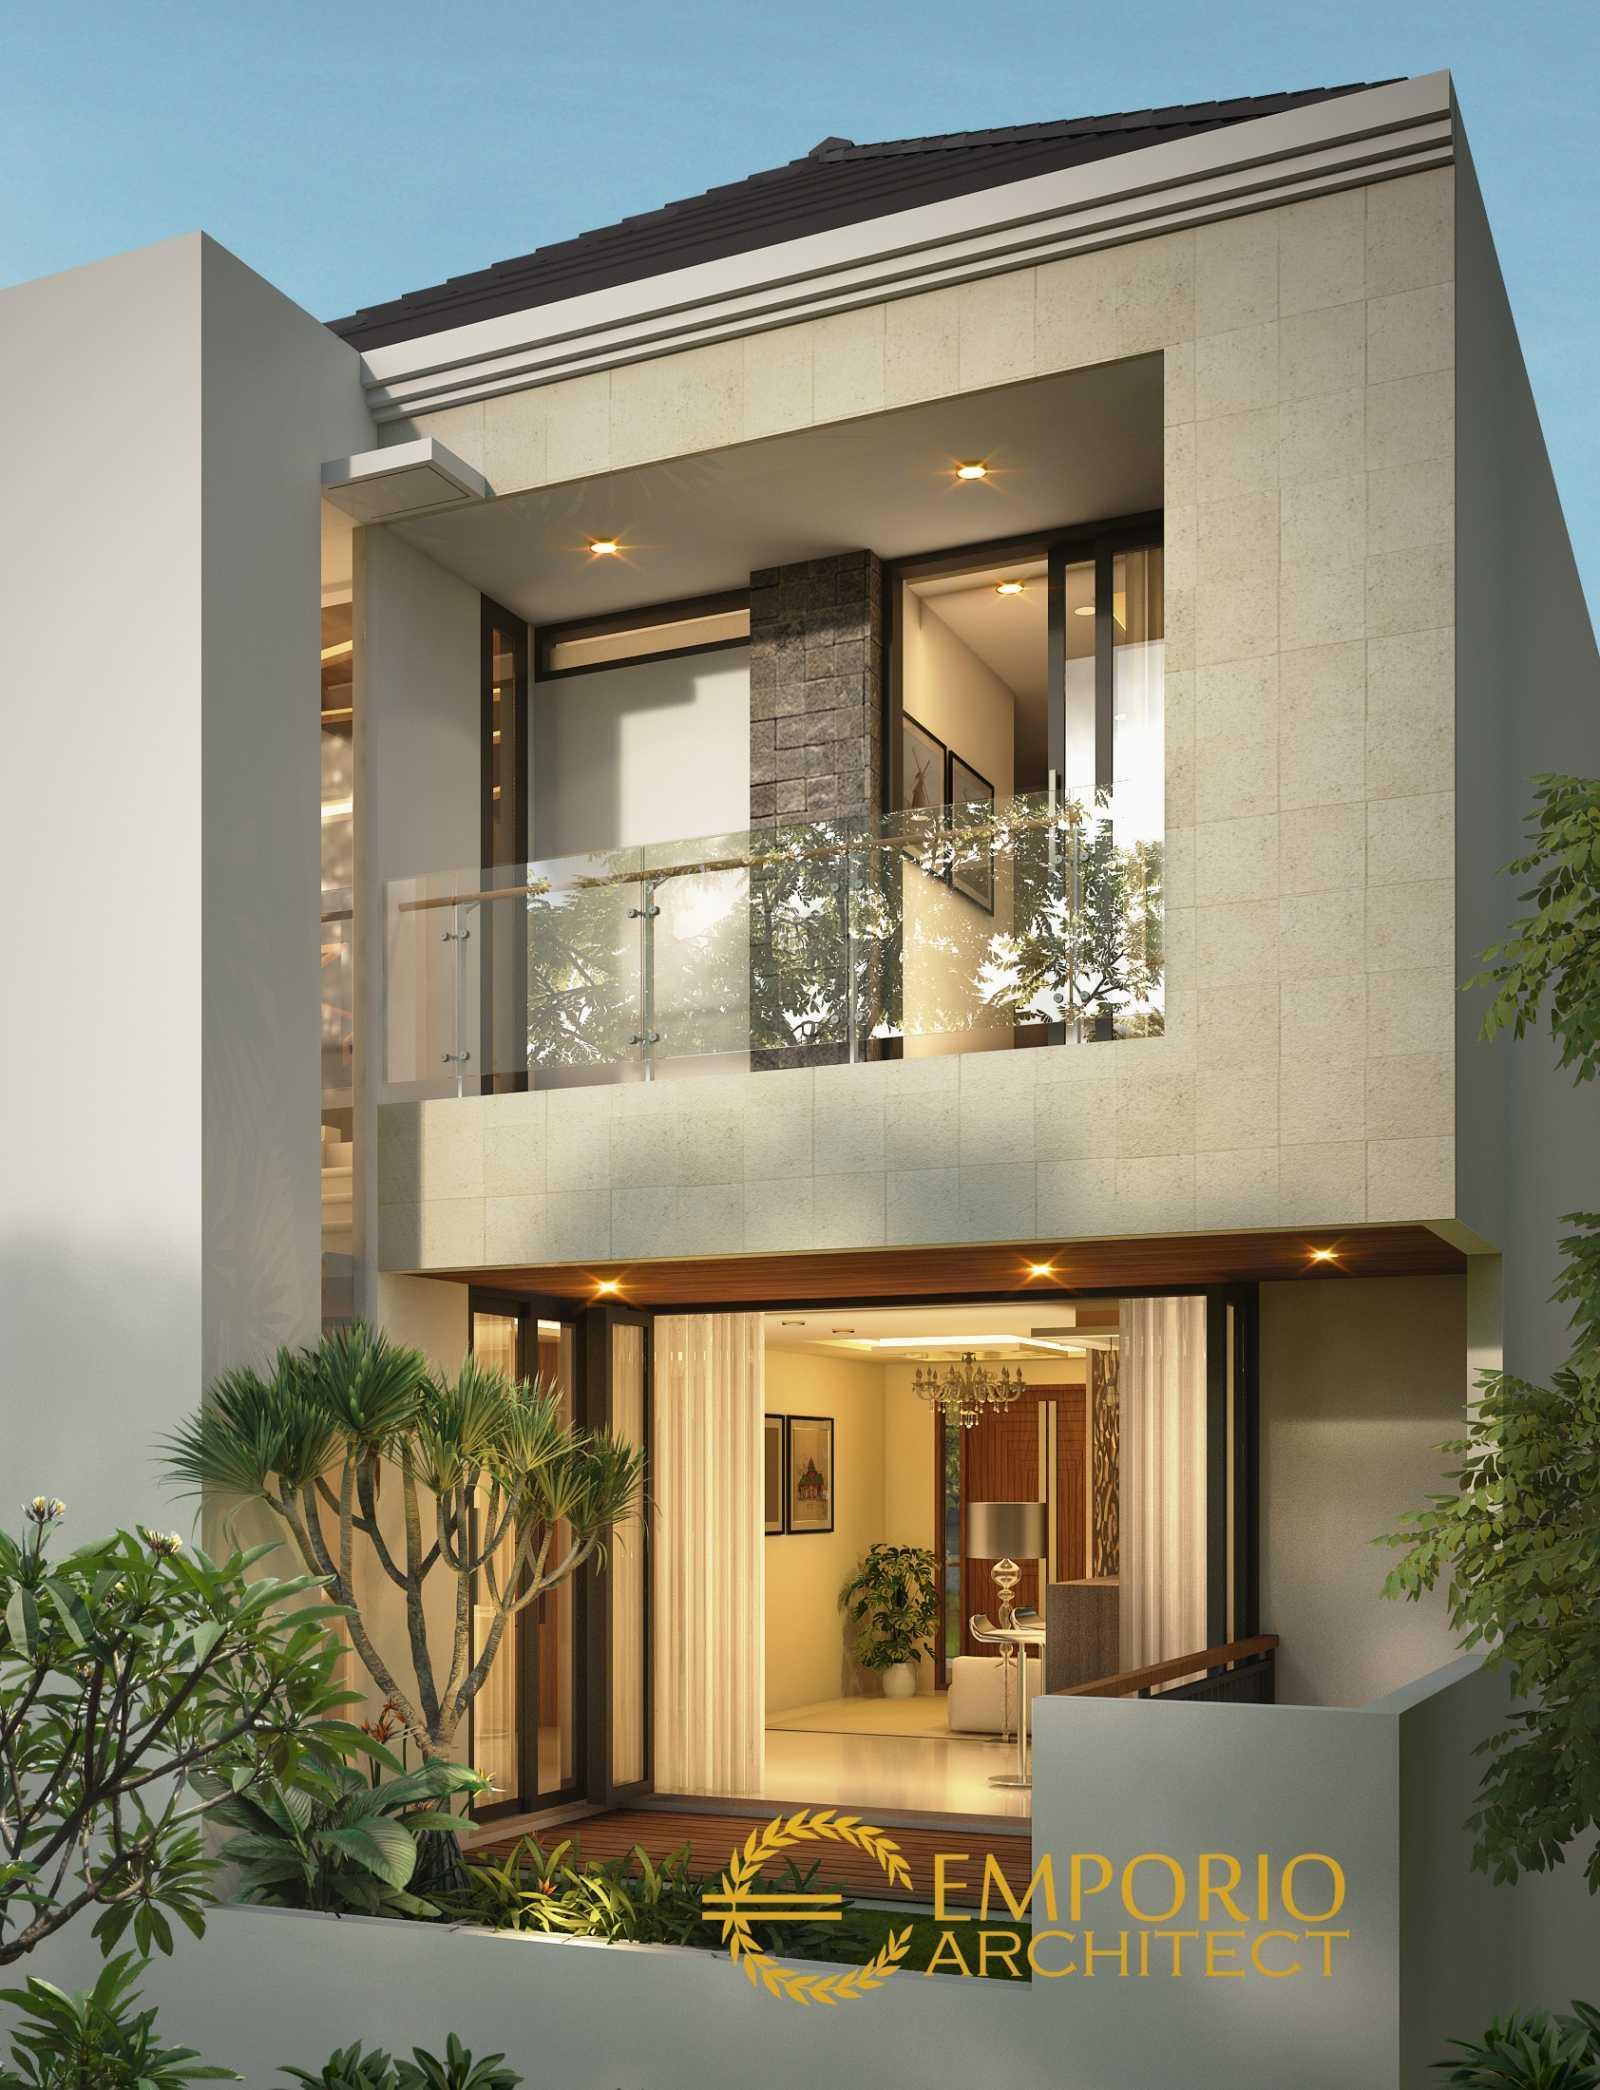 Emporio Architect Desain Rumah Modern Tropis 468 @ Tangerang Tangerang, Kota Tangerang, Banten, Indonesia Tangerang, Kota Tangerang, Banten, Indonesia Emporio-Architect-Desain-Rumah-Modern-Tropis-468-Tangerang   76593